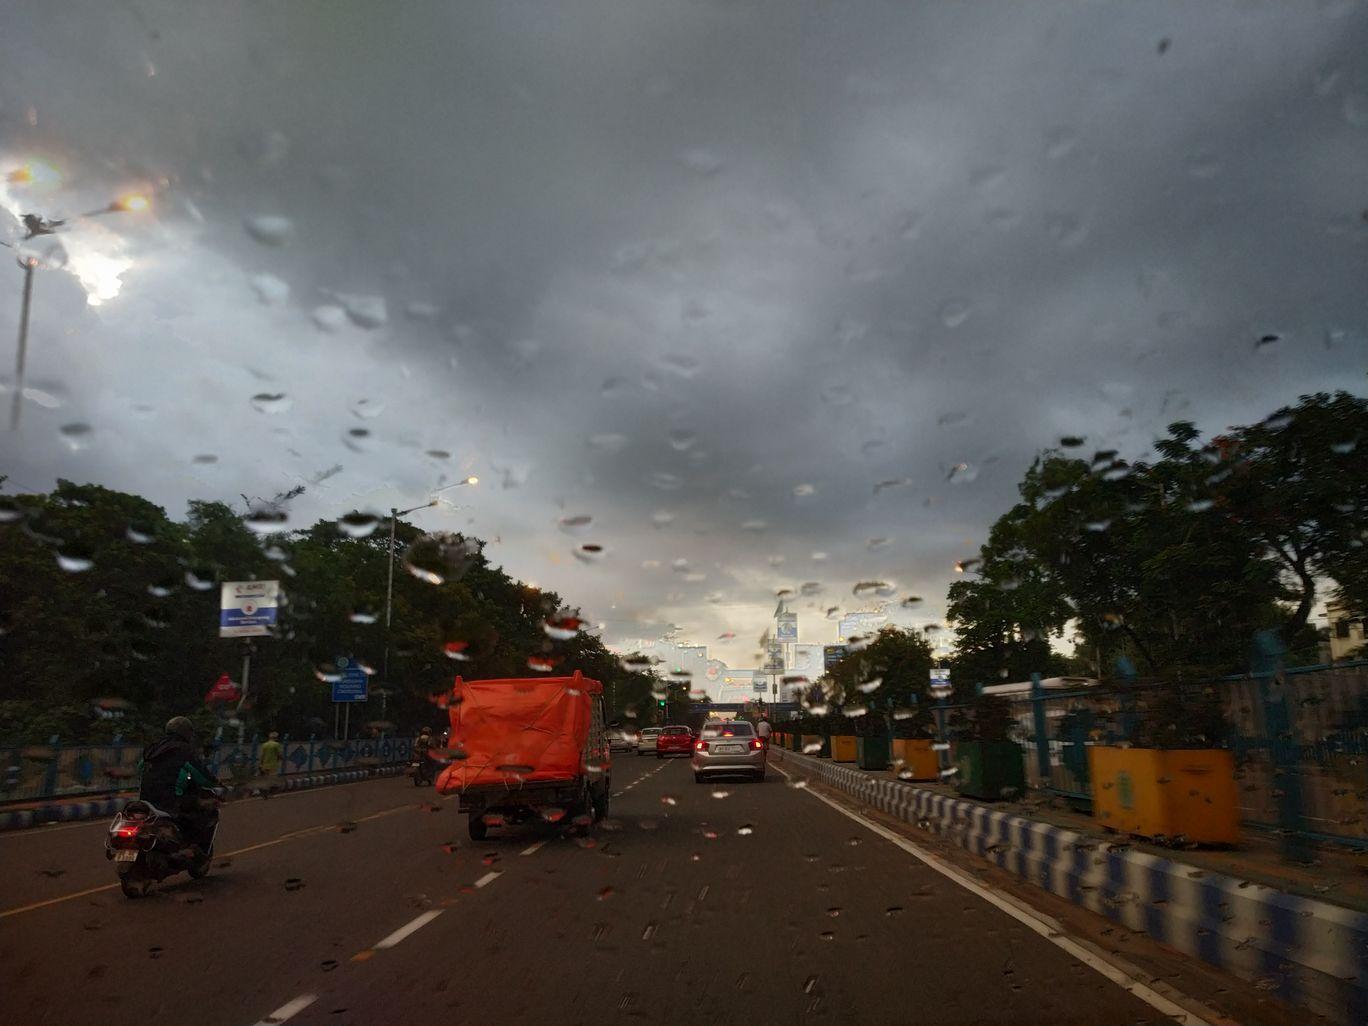 Photo of Kolkata By Sananda Bhattacharyya